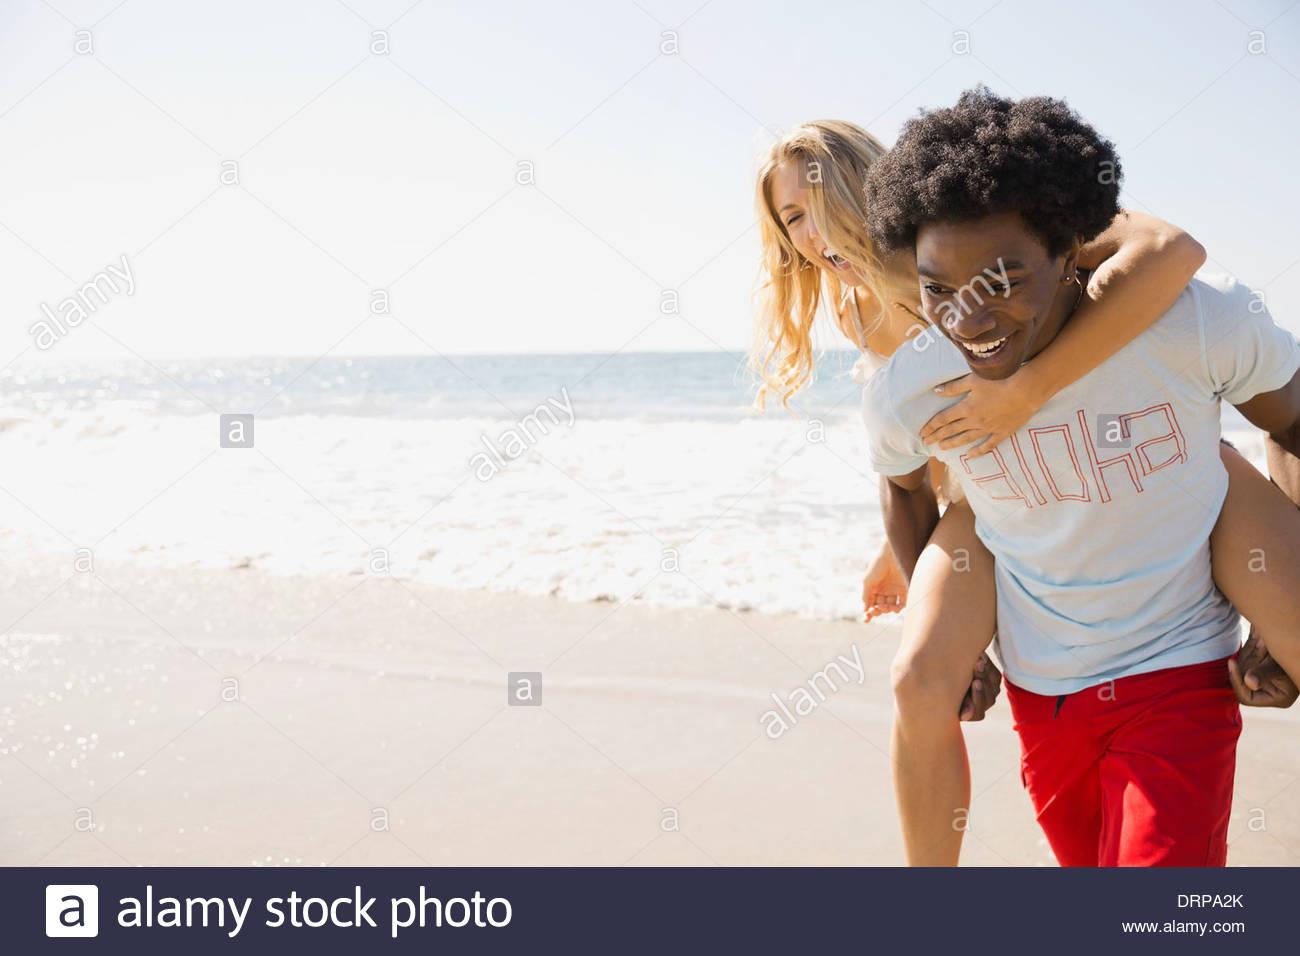 Playful couple sur la plage Photo Stock